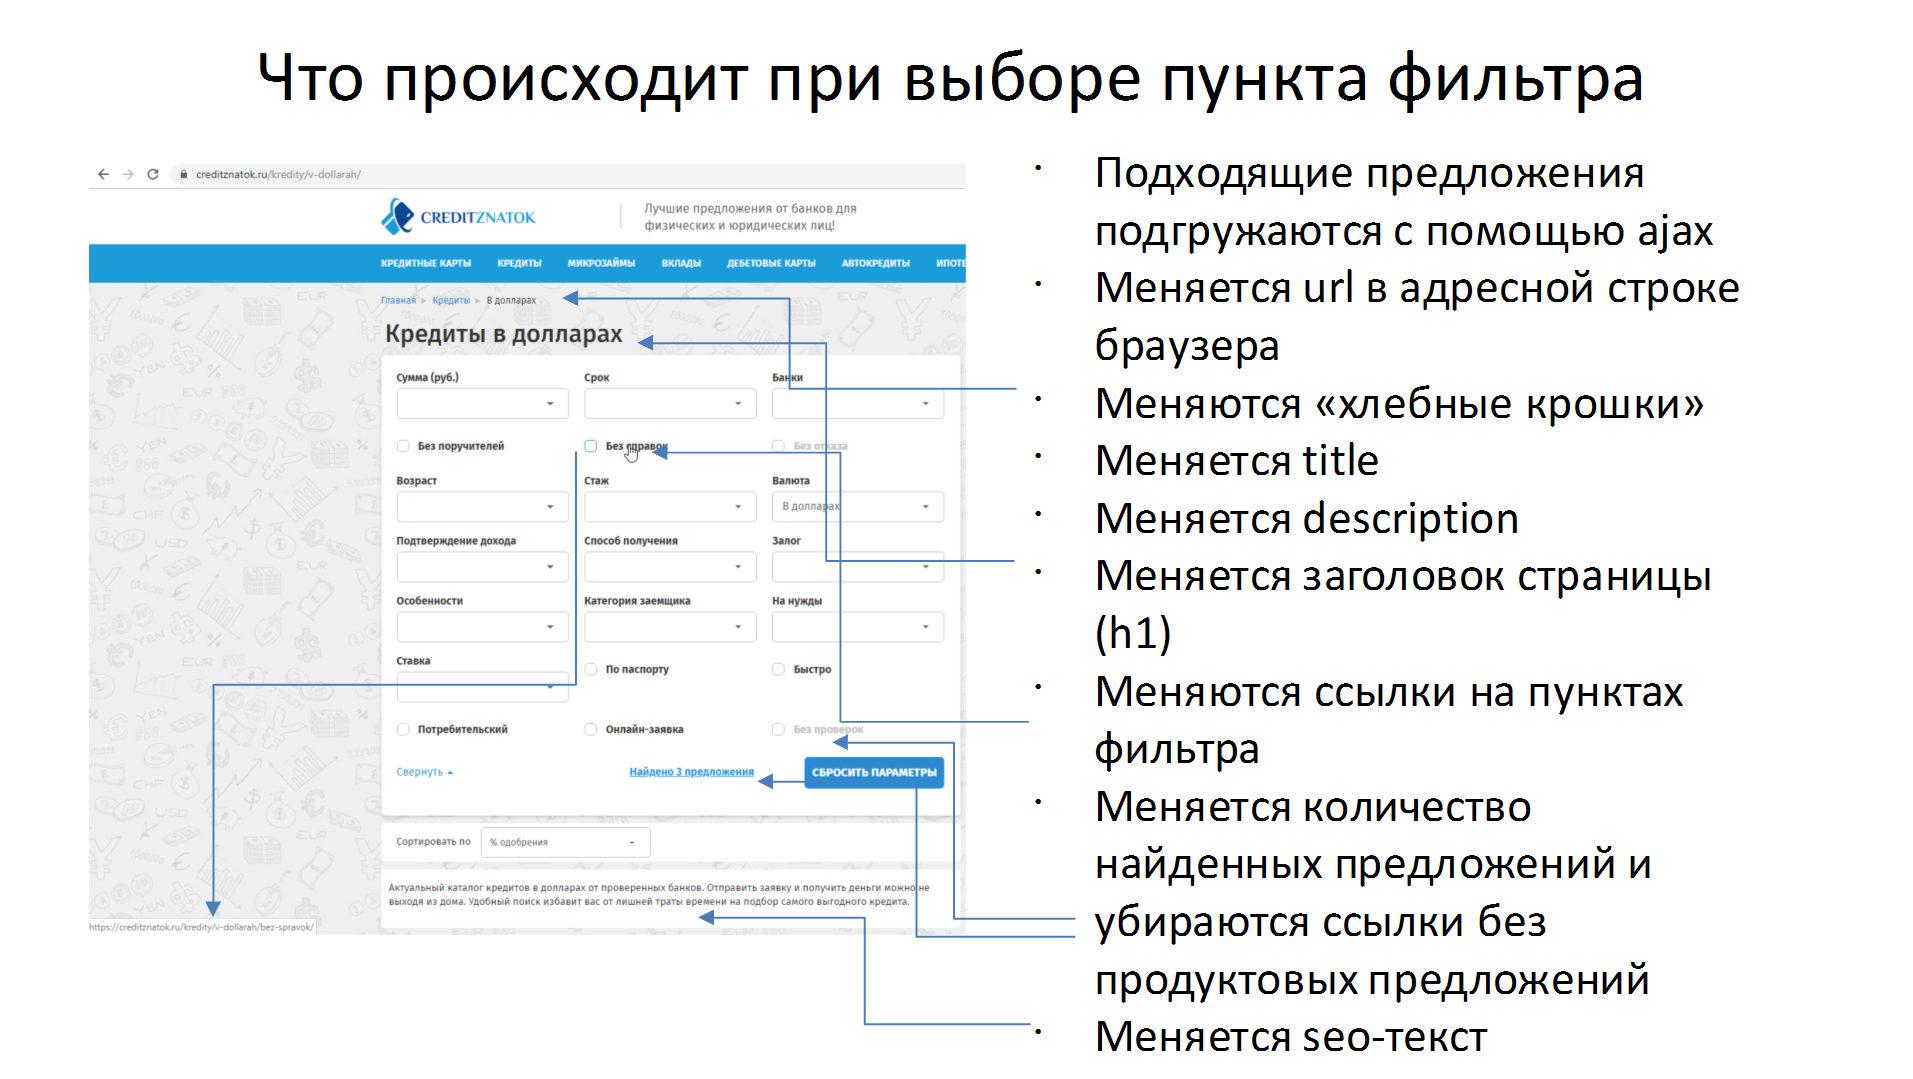 WP Moscow 9 - Катя Леурдо - Как мы делали умный фильтр - 05